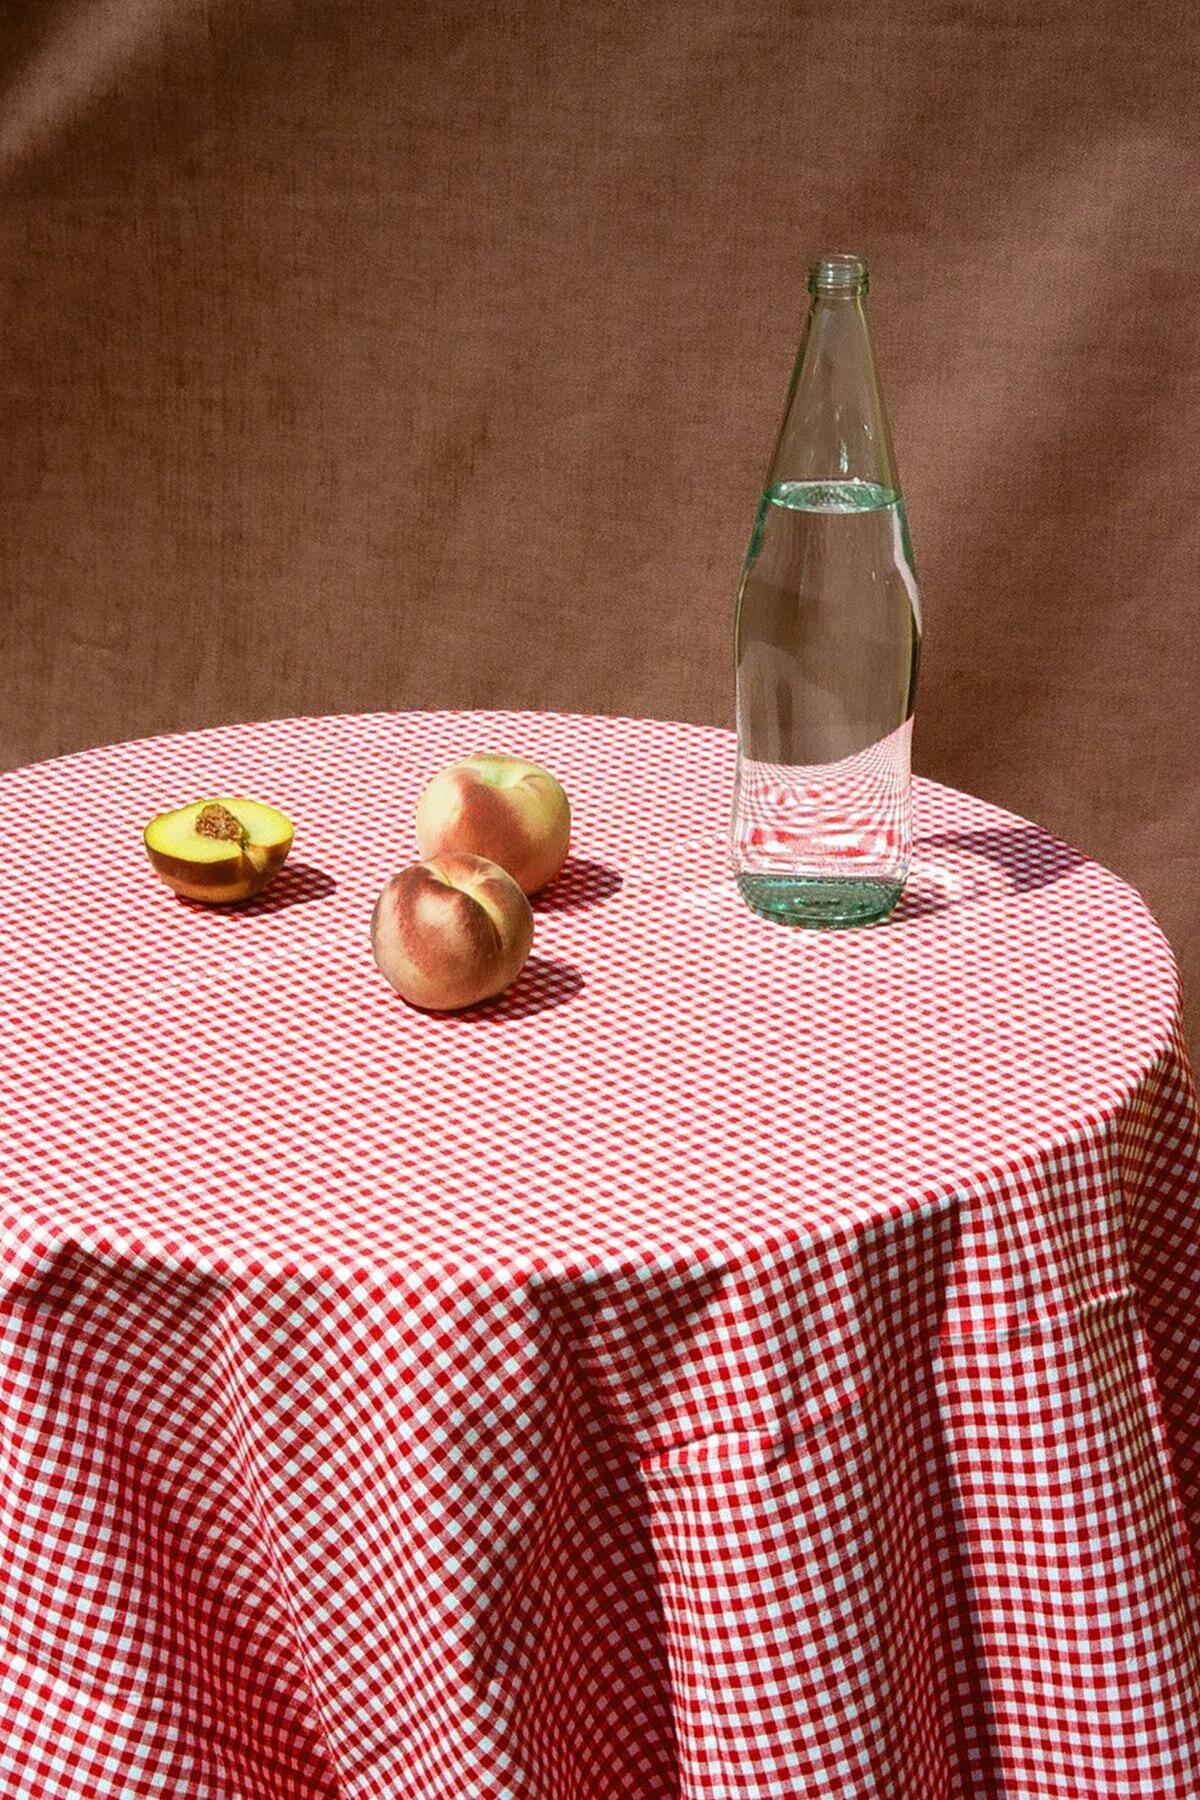 Kırmızı Kareli Masa Örtüsü Piknik Örtüsü